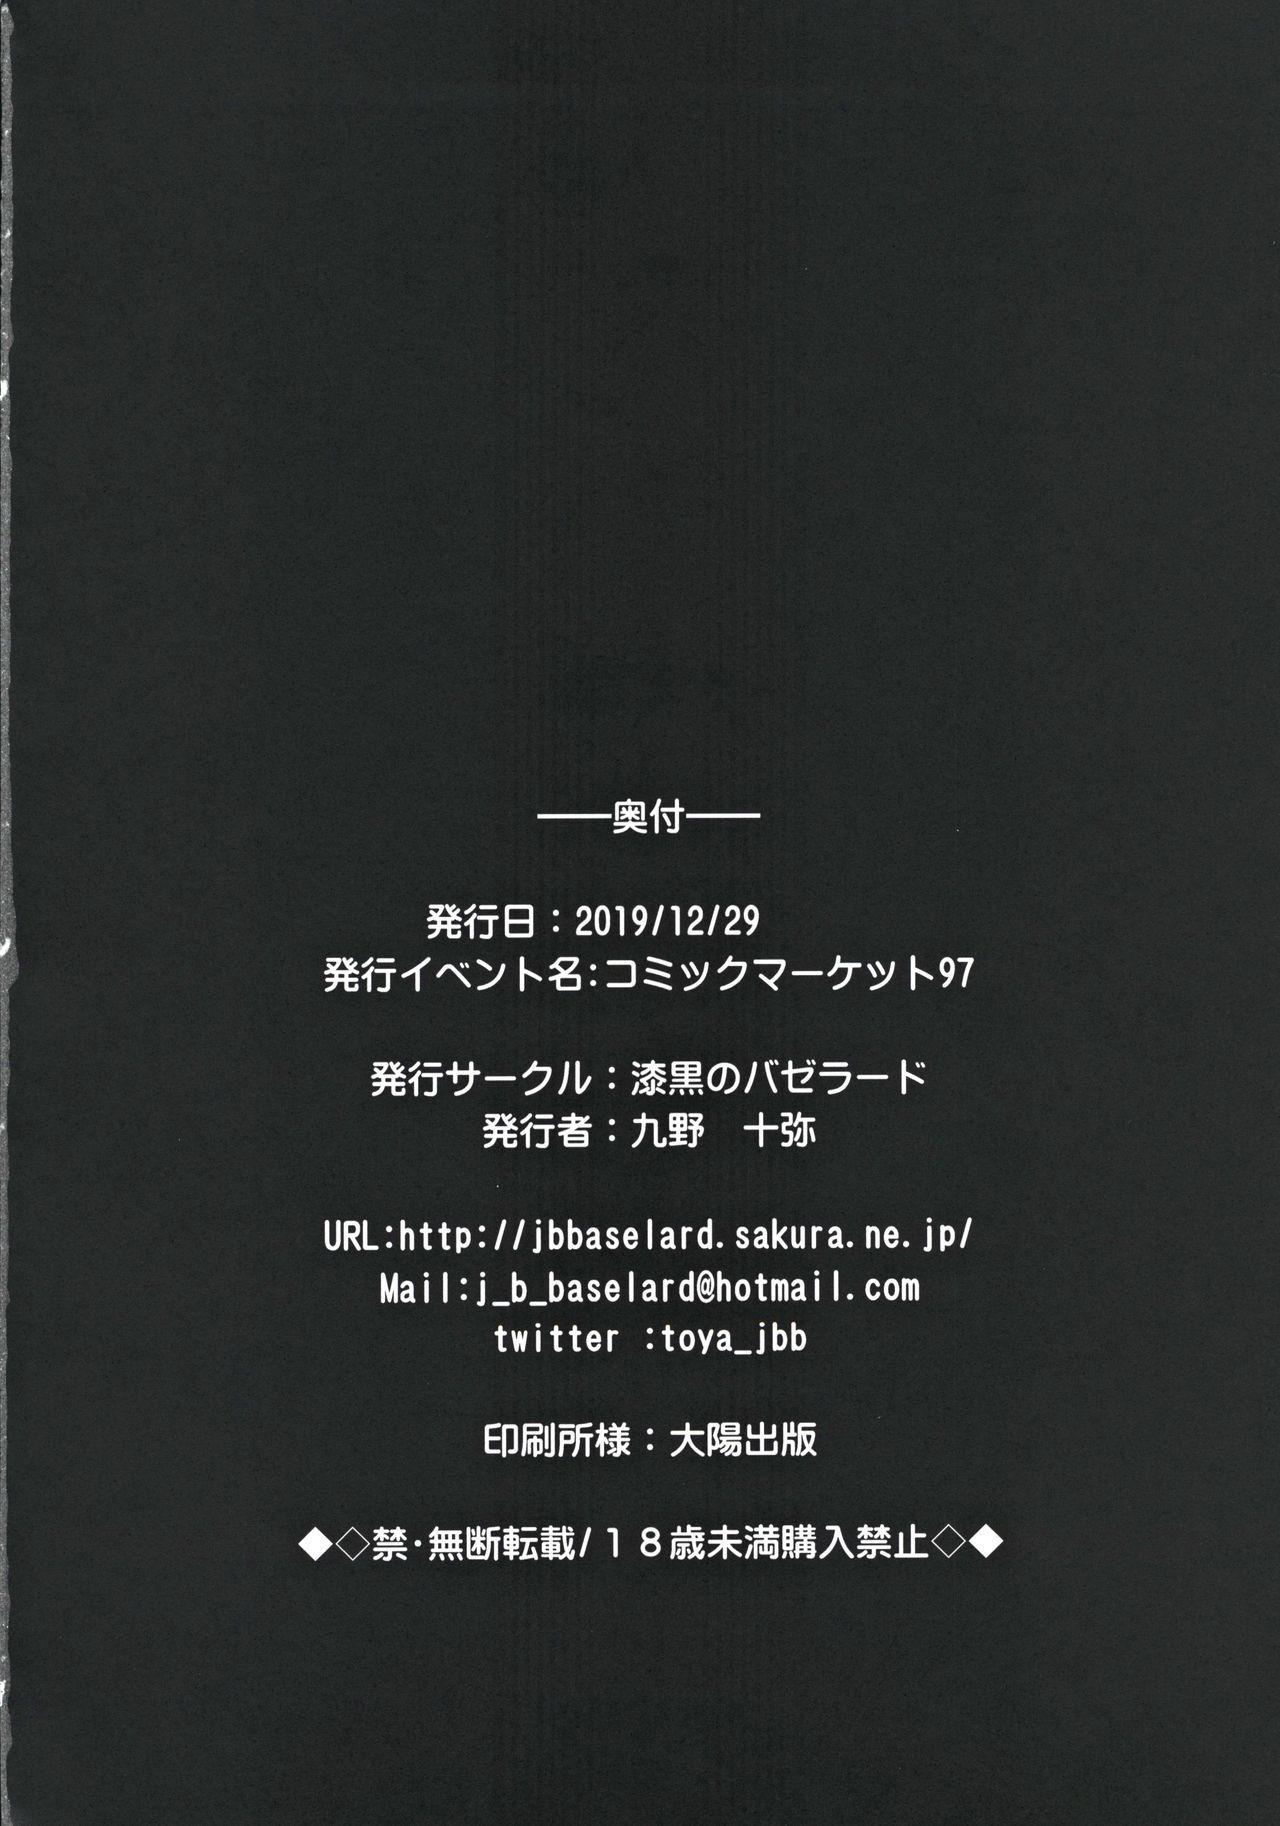 Pendra Shimai no Seijijou 20